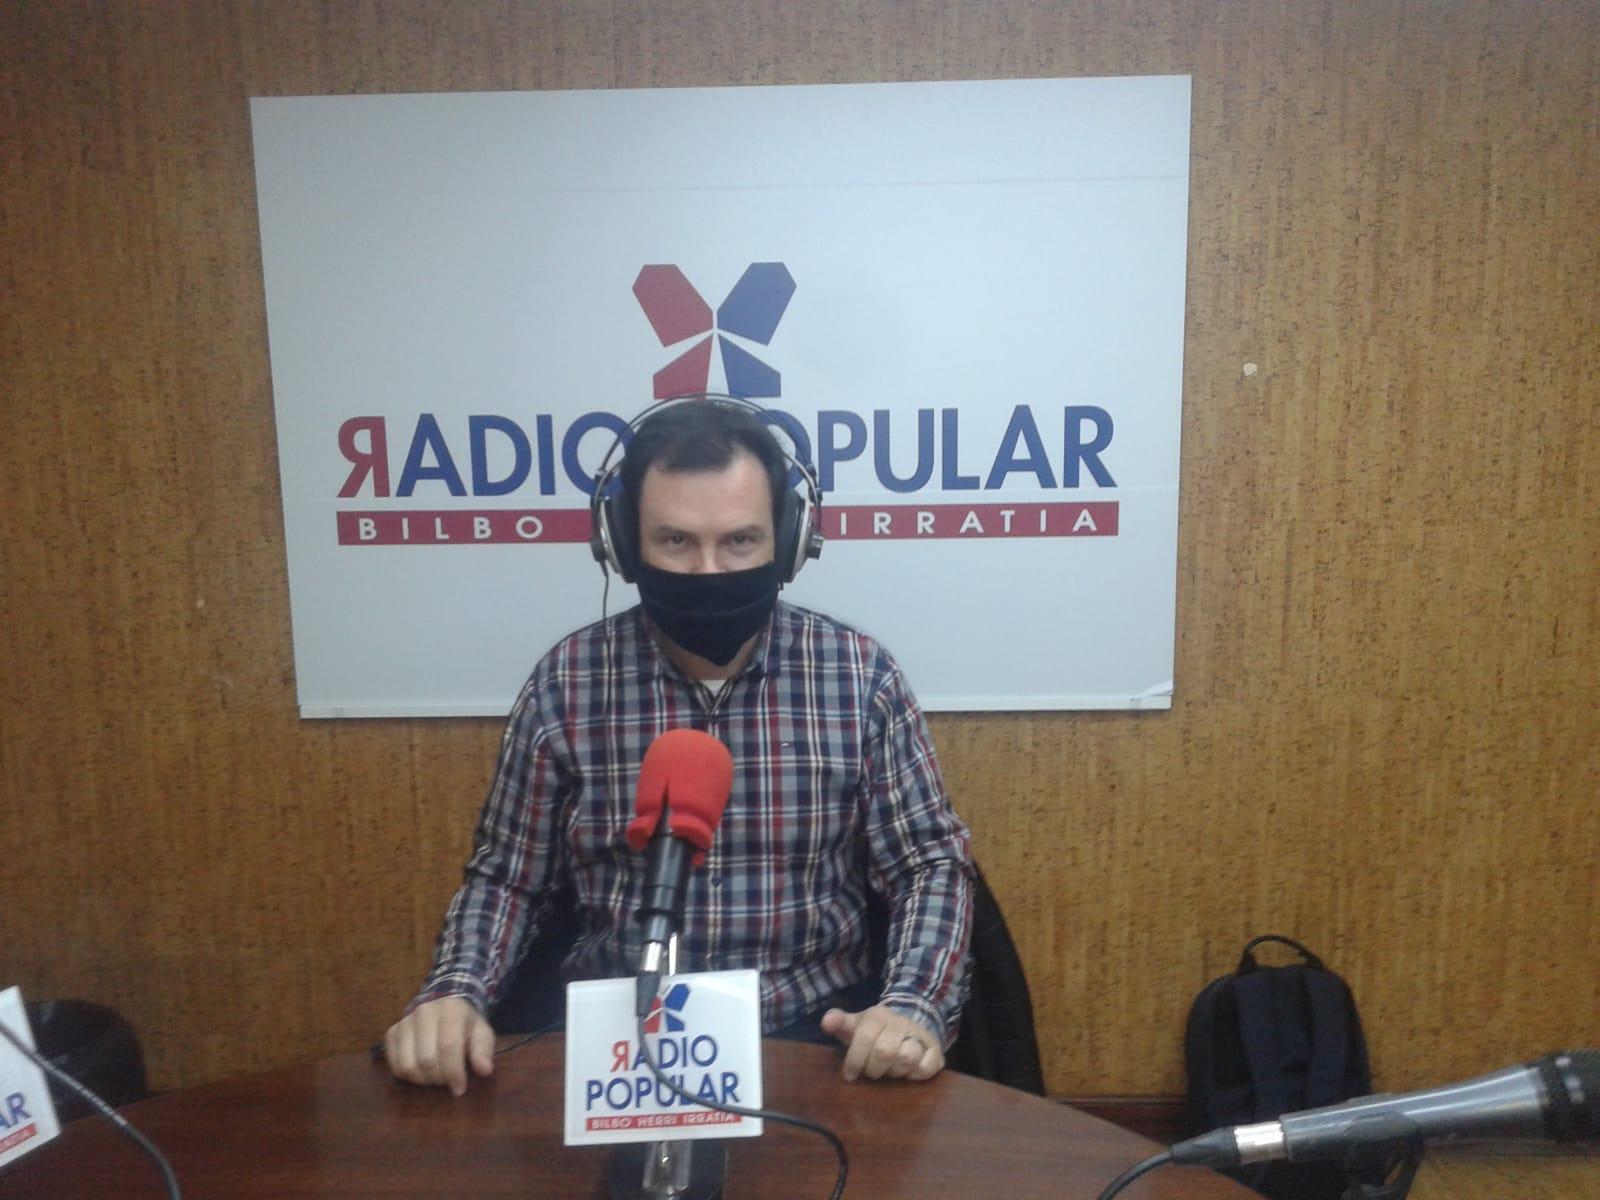 Testimonio en la radio Popular del neo diácono de Bilbao, España, Roberto Vidal